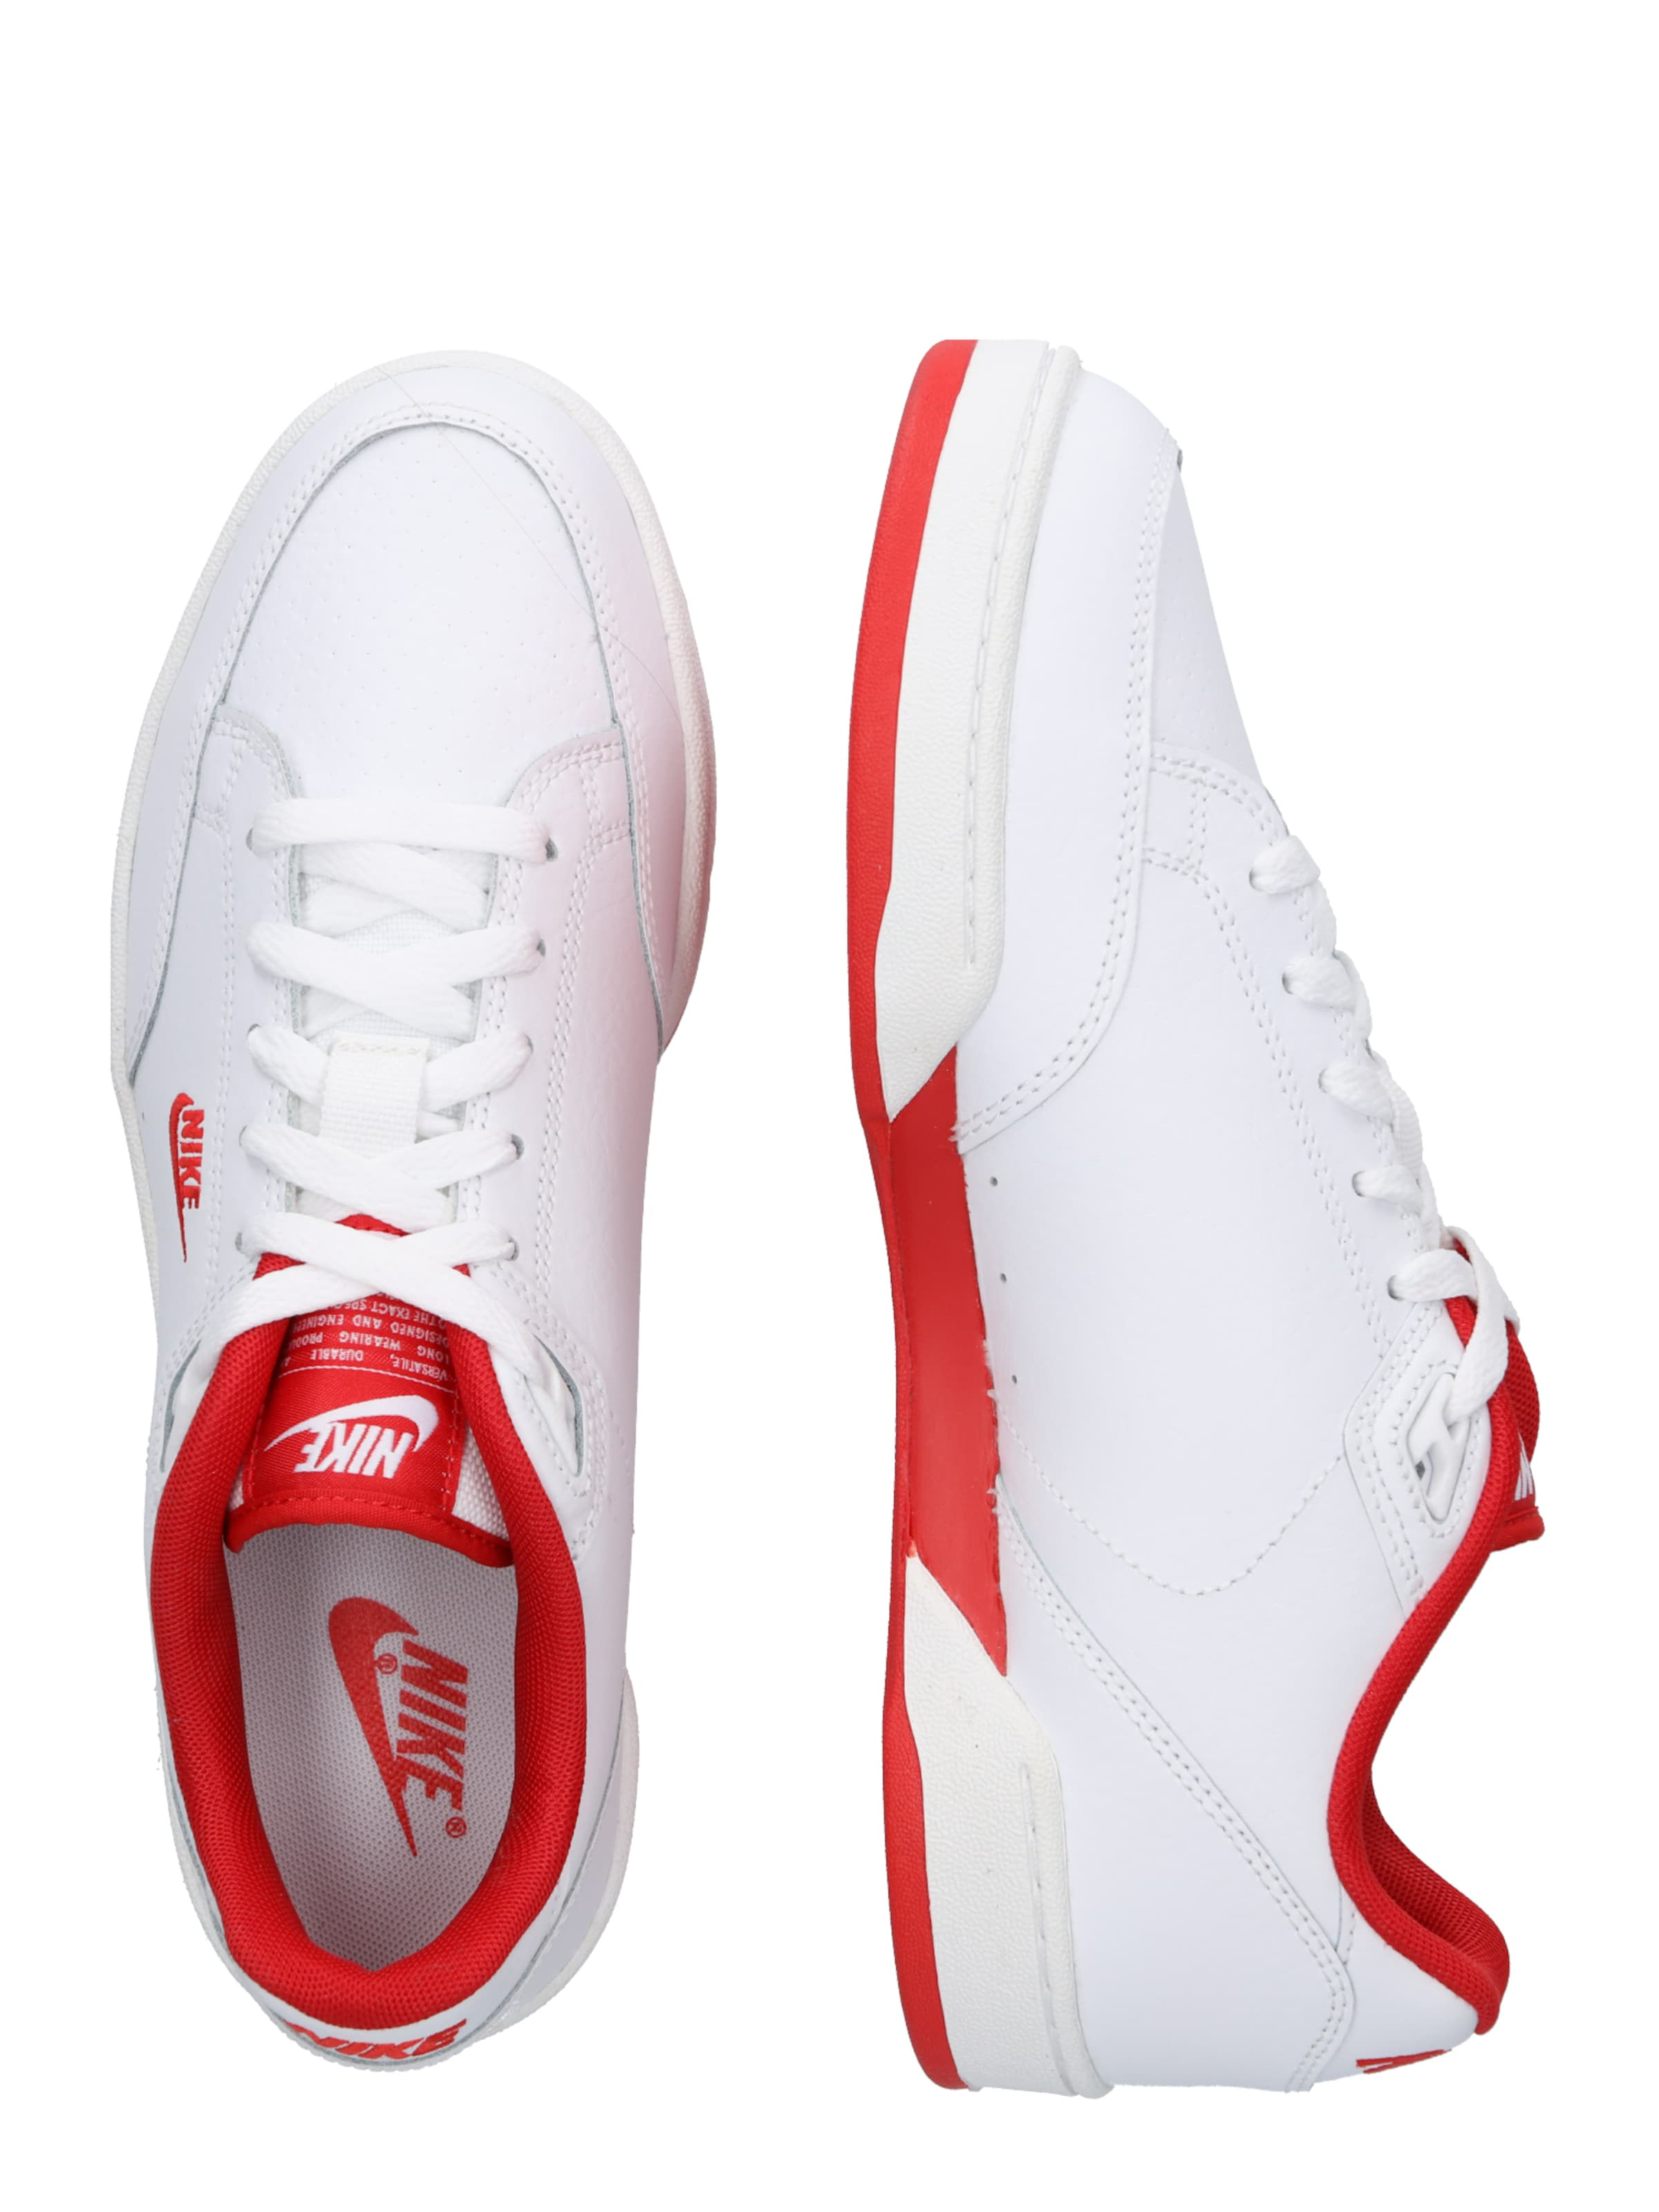 In Sportswear 'grandstand Sneaker Ii' Nike RotWeiß TwXliPkZuO